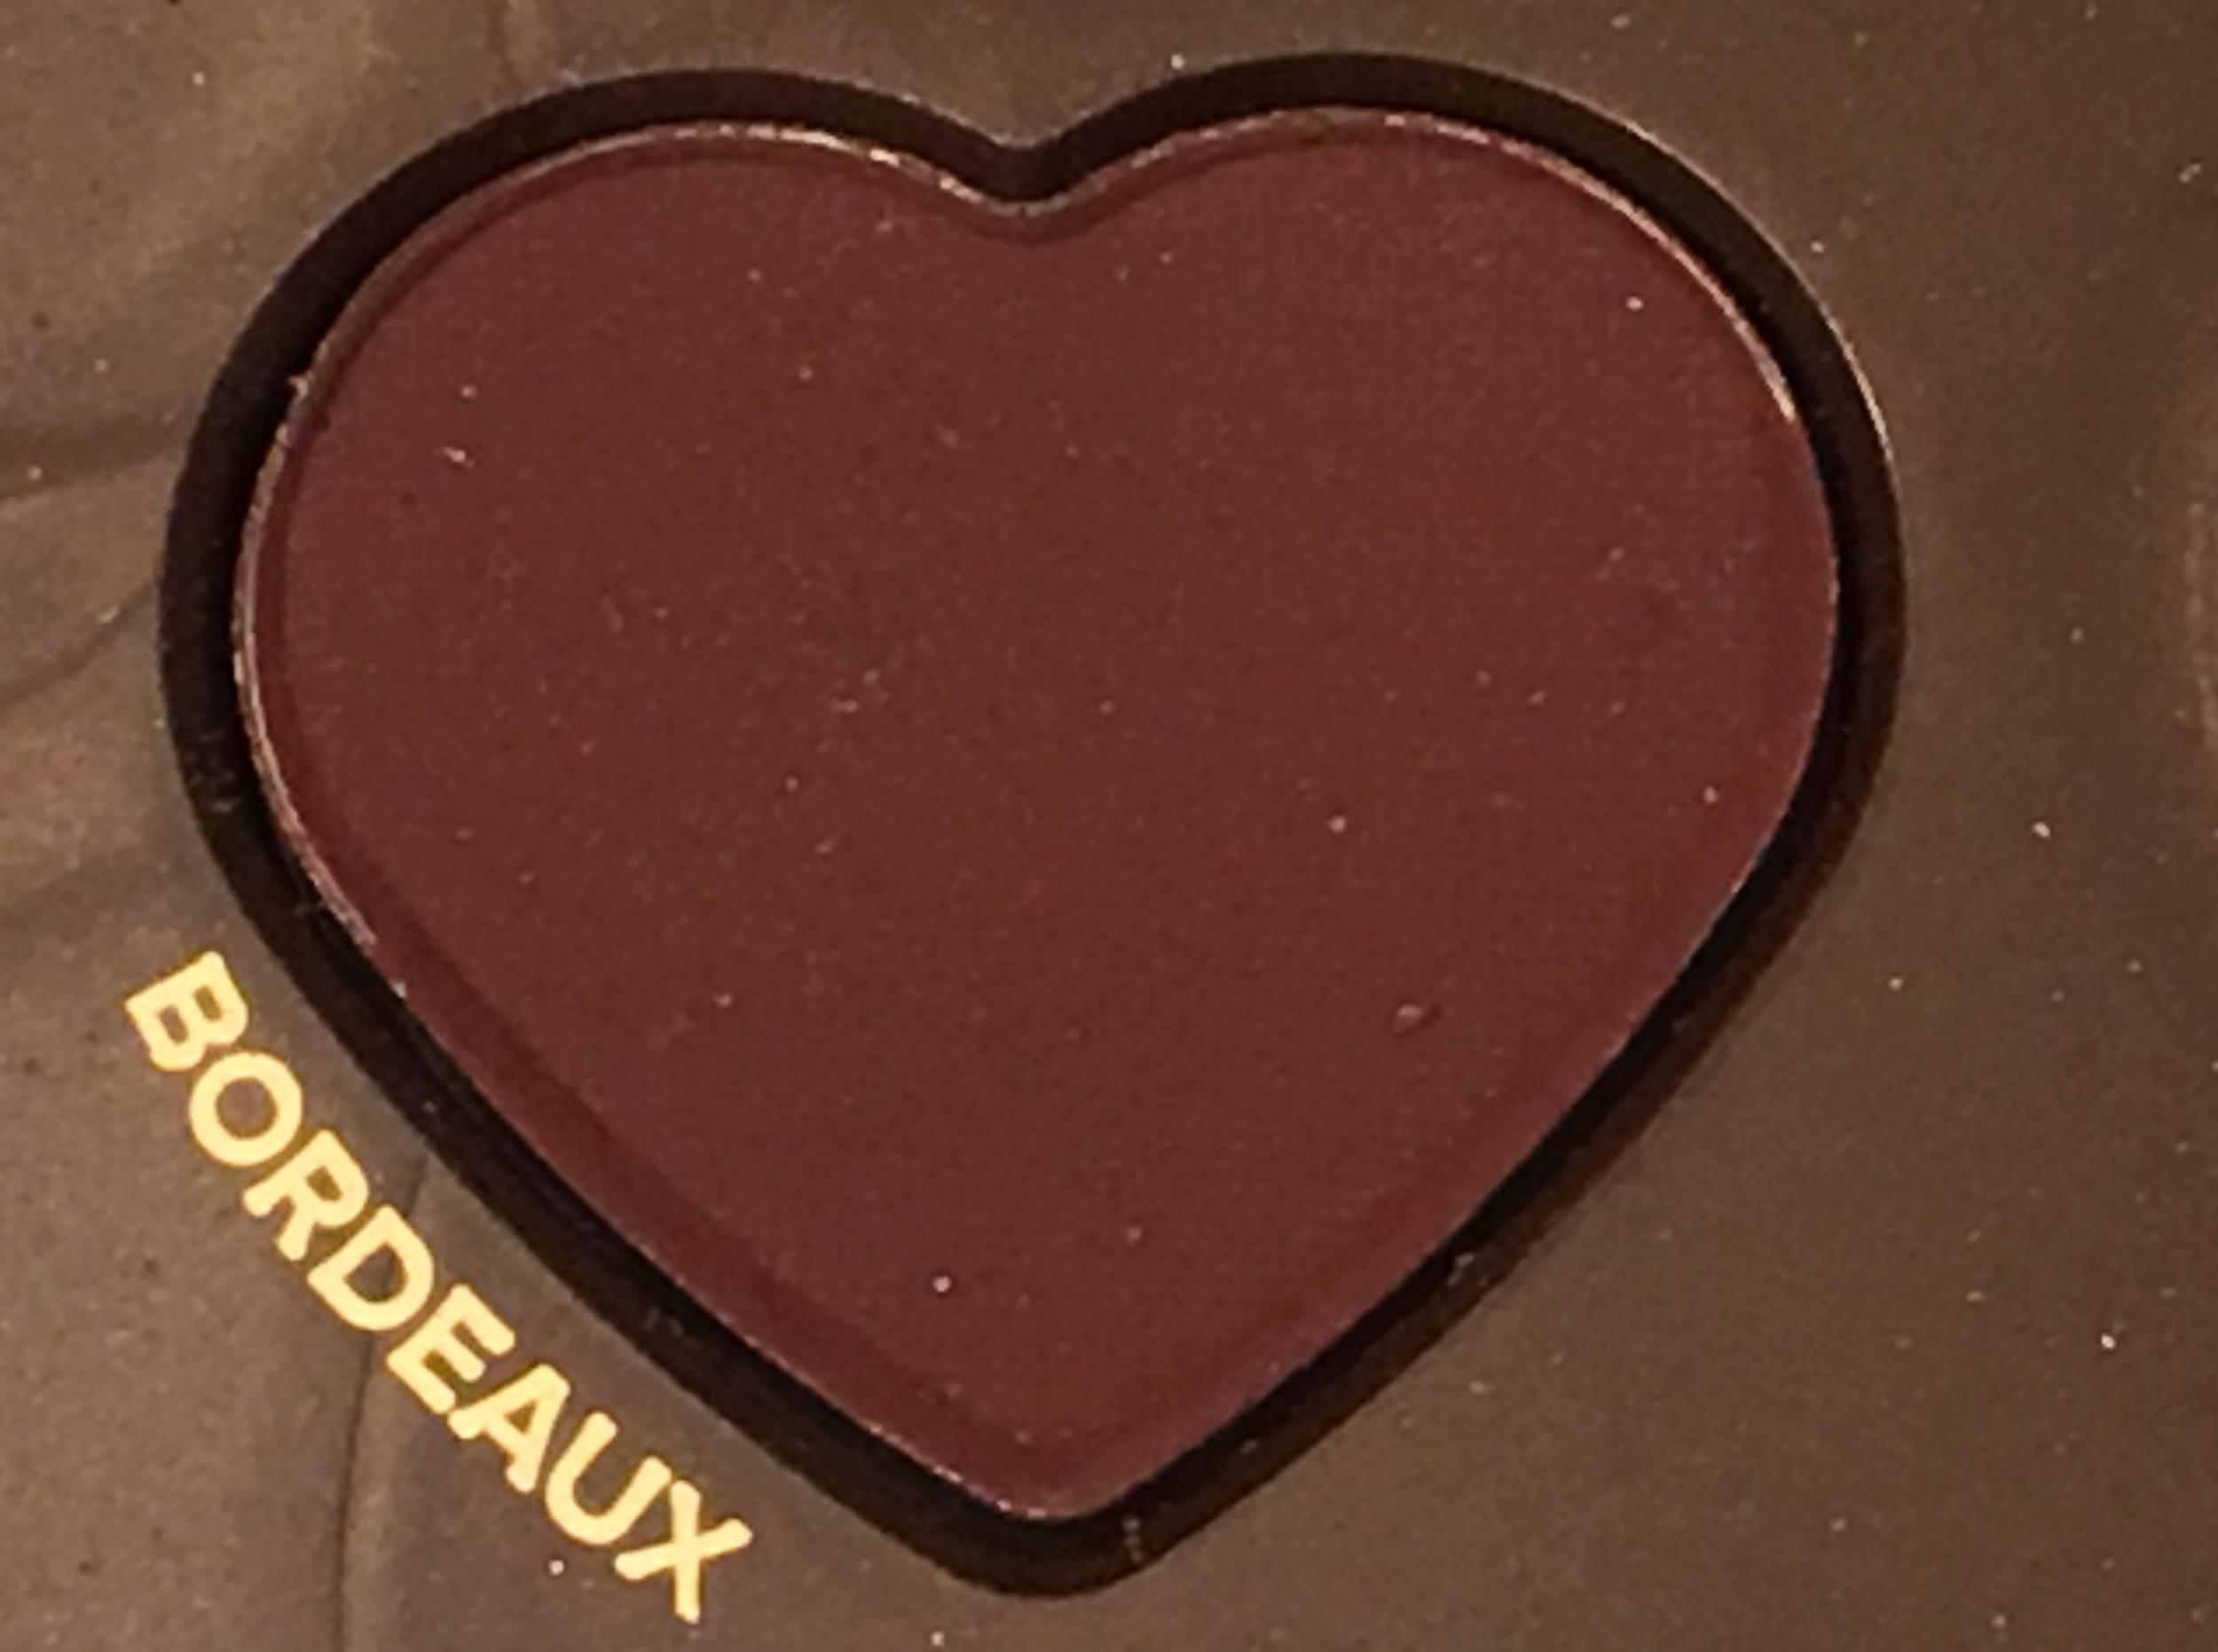 Bordeaux (Matte Plum Brown)